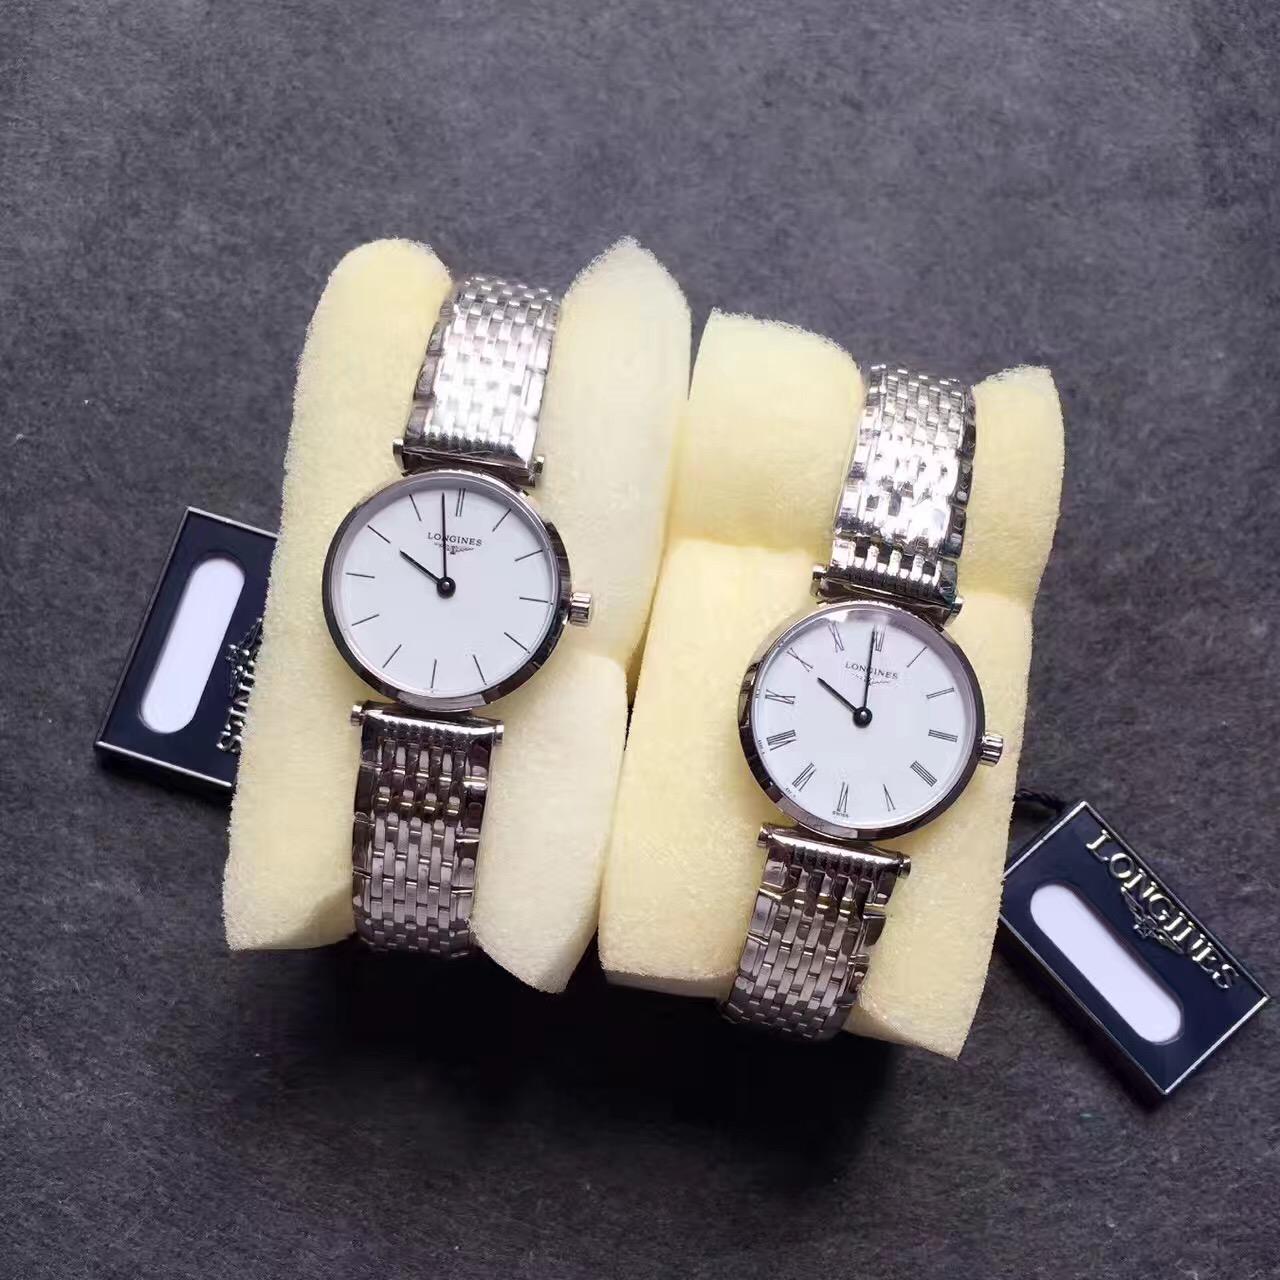 浪琴女士高仿手表微商货源网 第2张